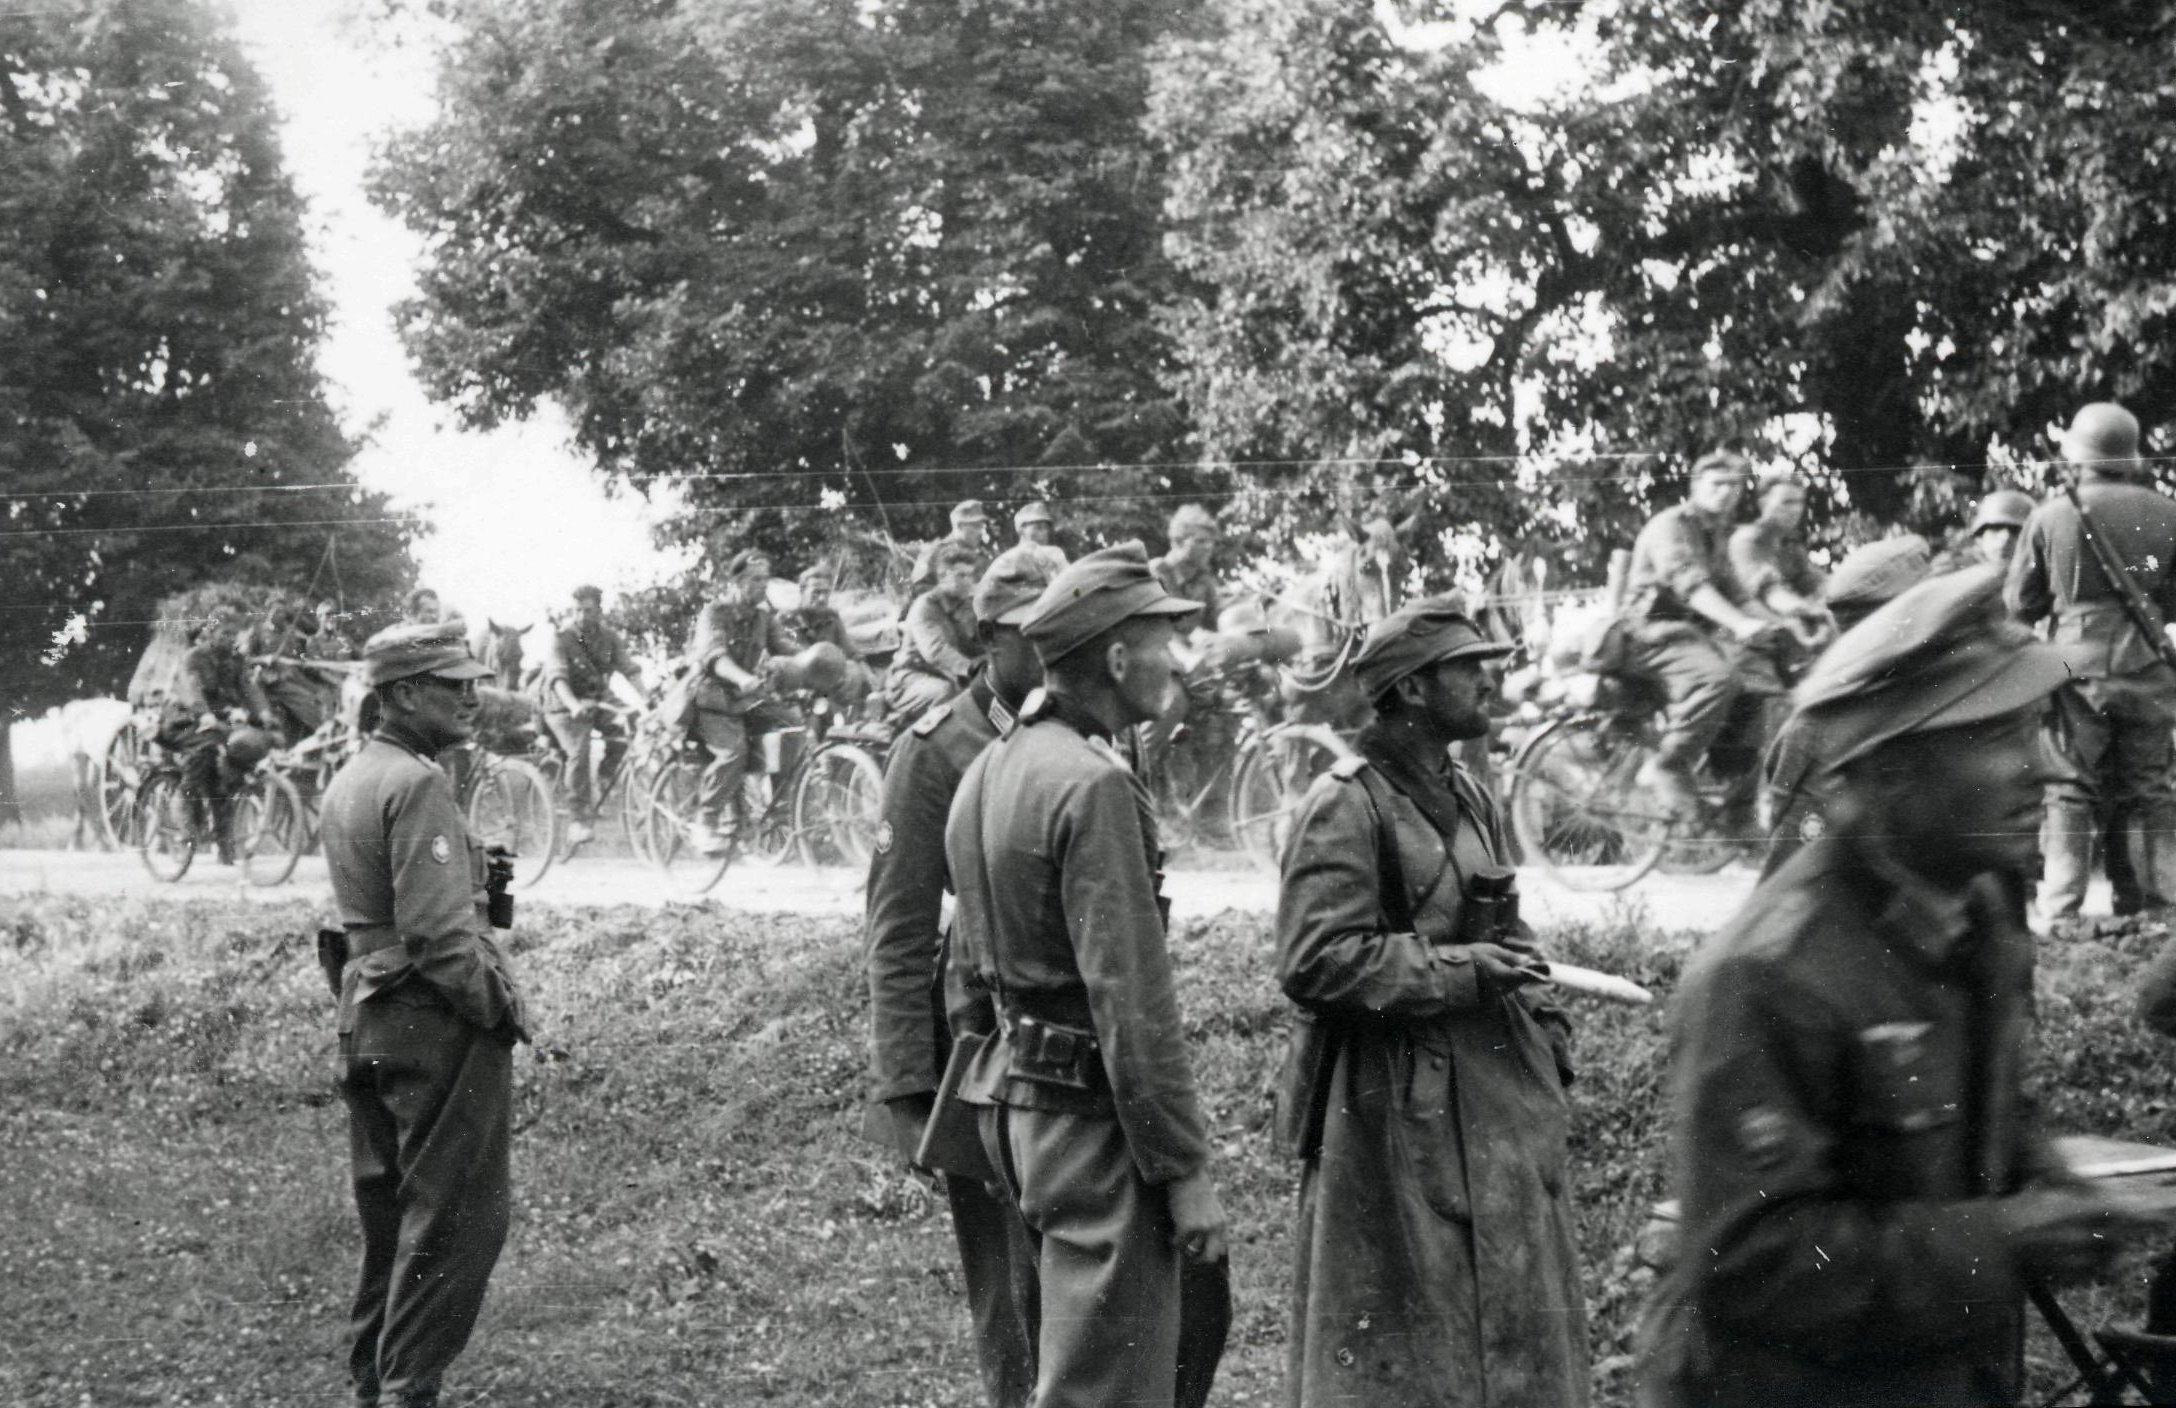 Вермахт потерял в курской битве * 30 отборных дивизий, * в том числе 7 танковых , * свыше 500 тыс солдат и офицеров